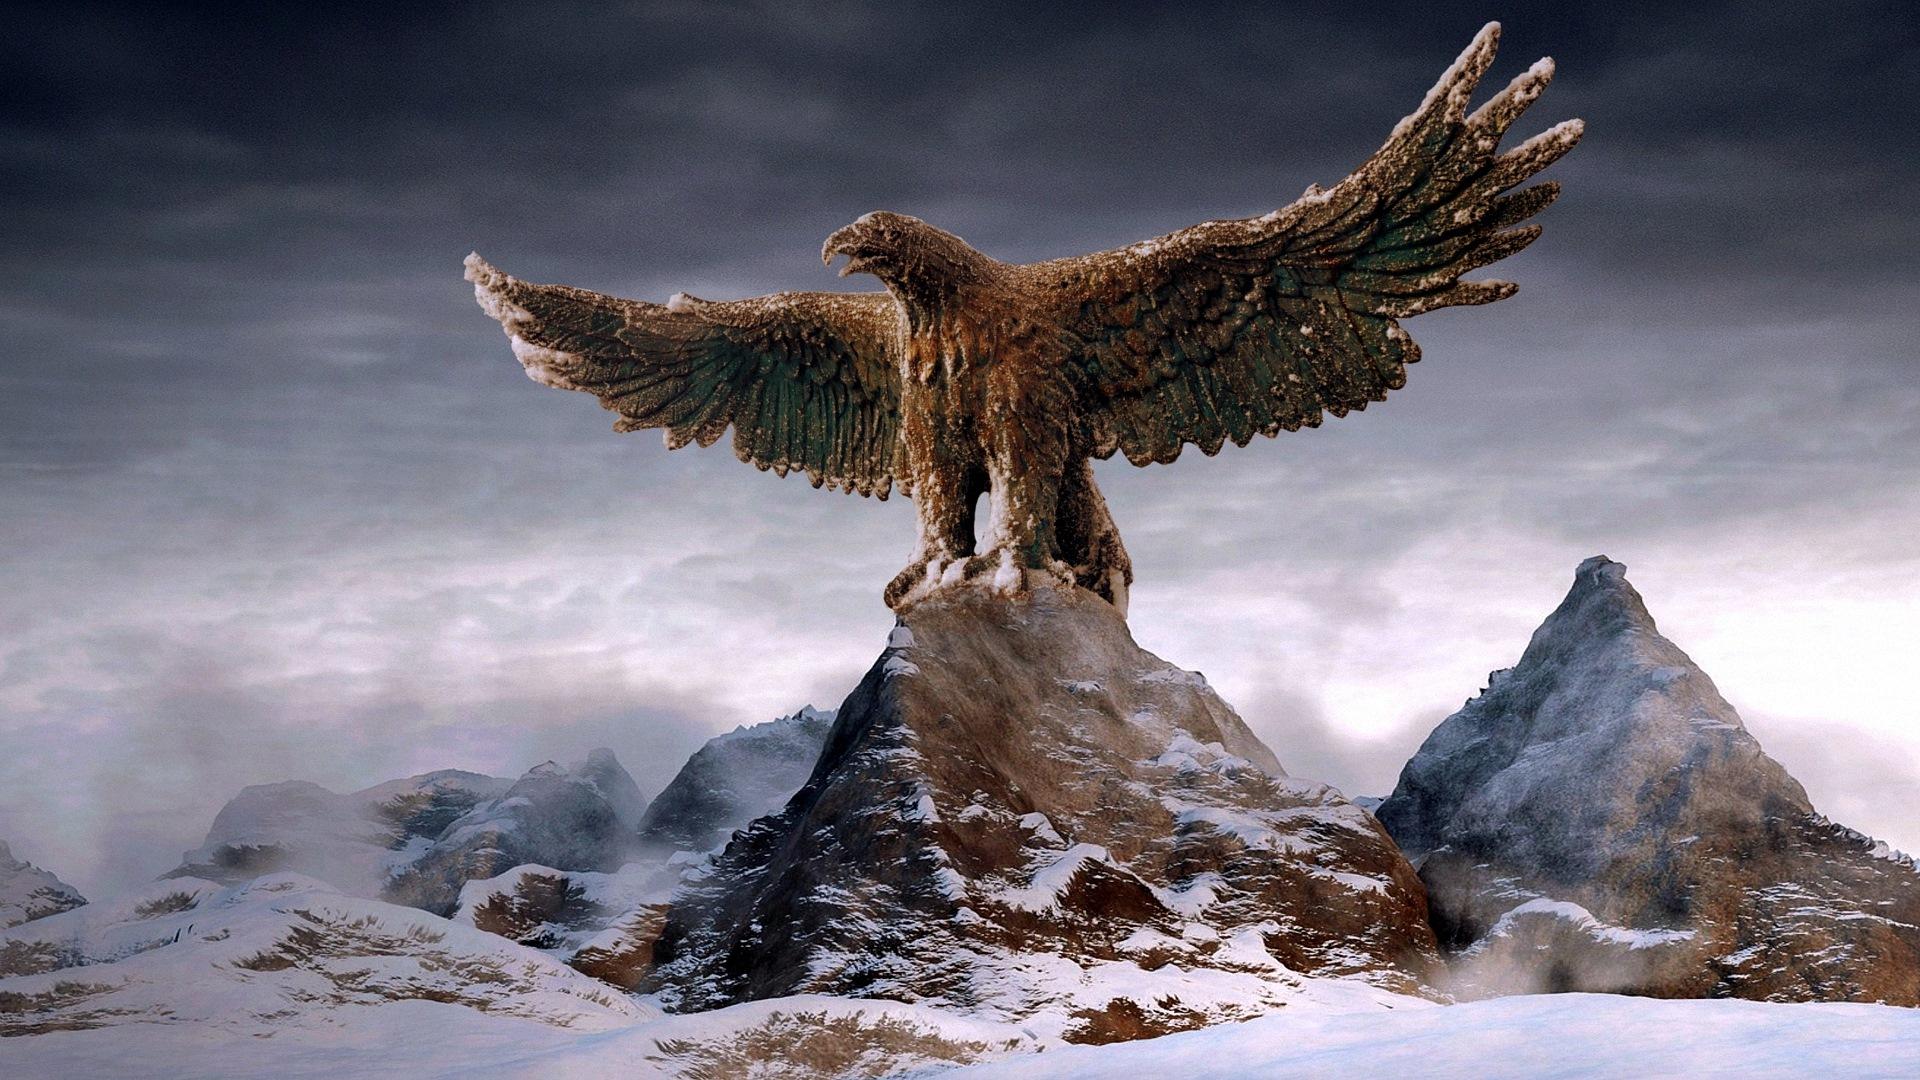 Drachen Gargoyles Adler Und Viele Andere Gartenfiguren Findet